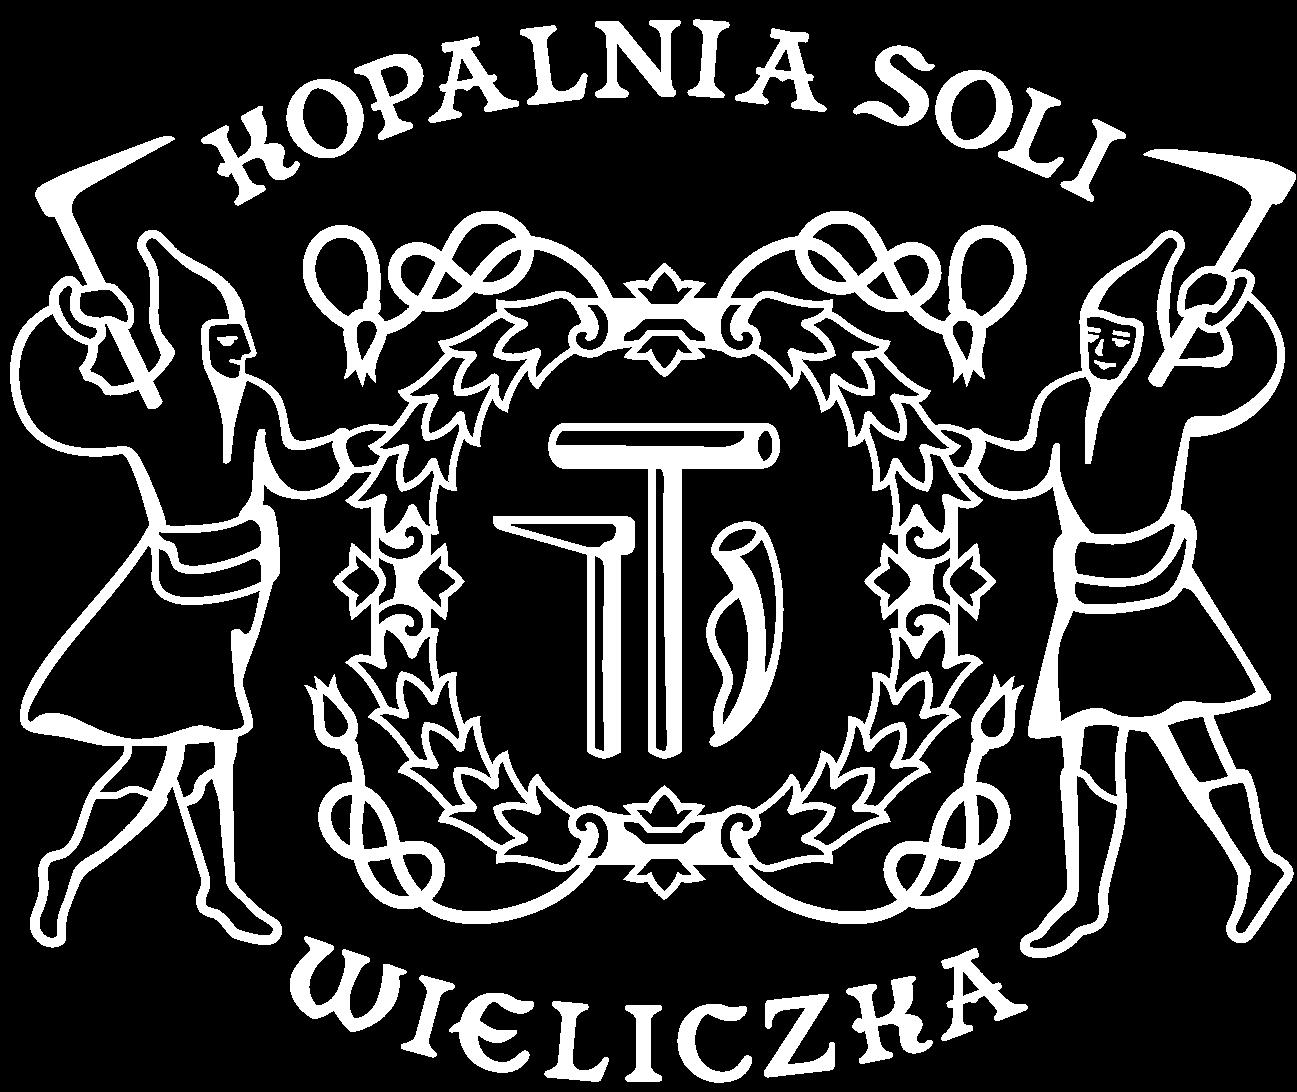 """Kopalnia Soli """"Wieliczka"""" serwis korporacyjny"""